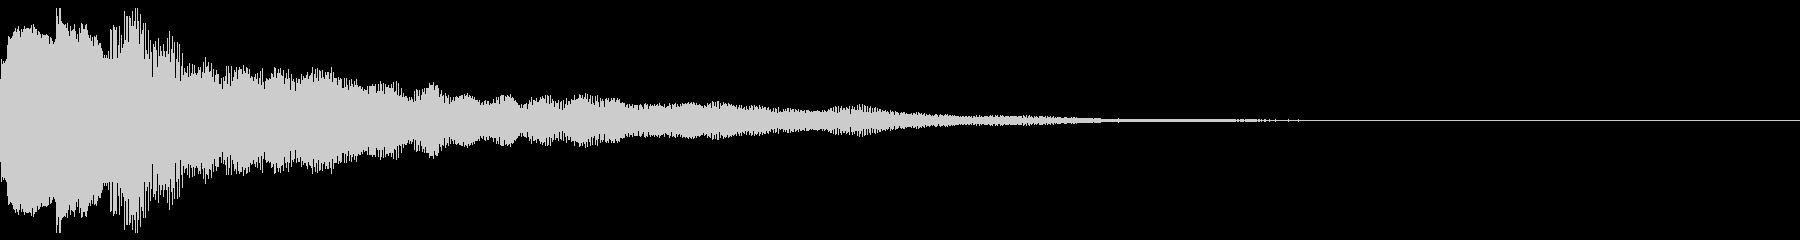 サウンドロゴ02(ベル系)の未再生の波形